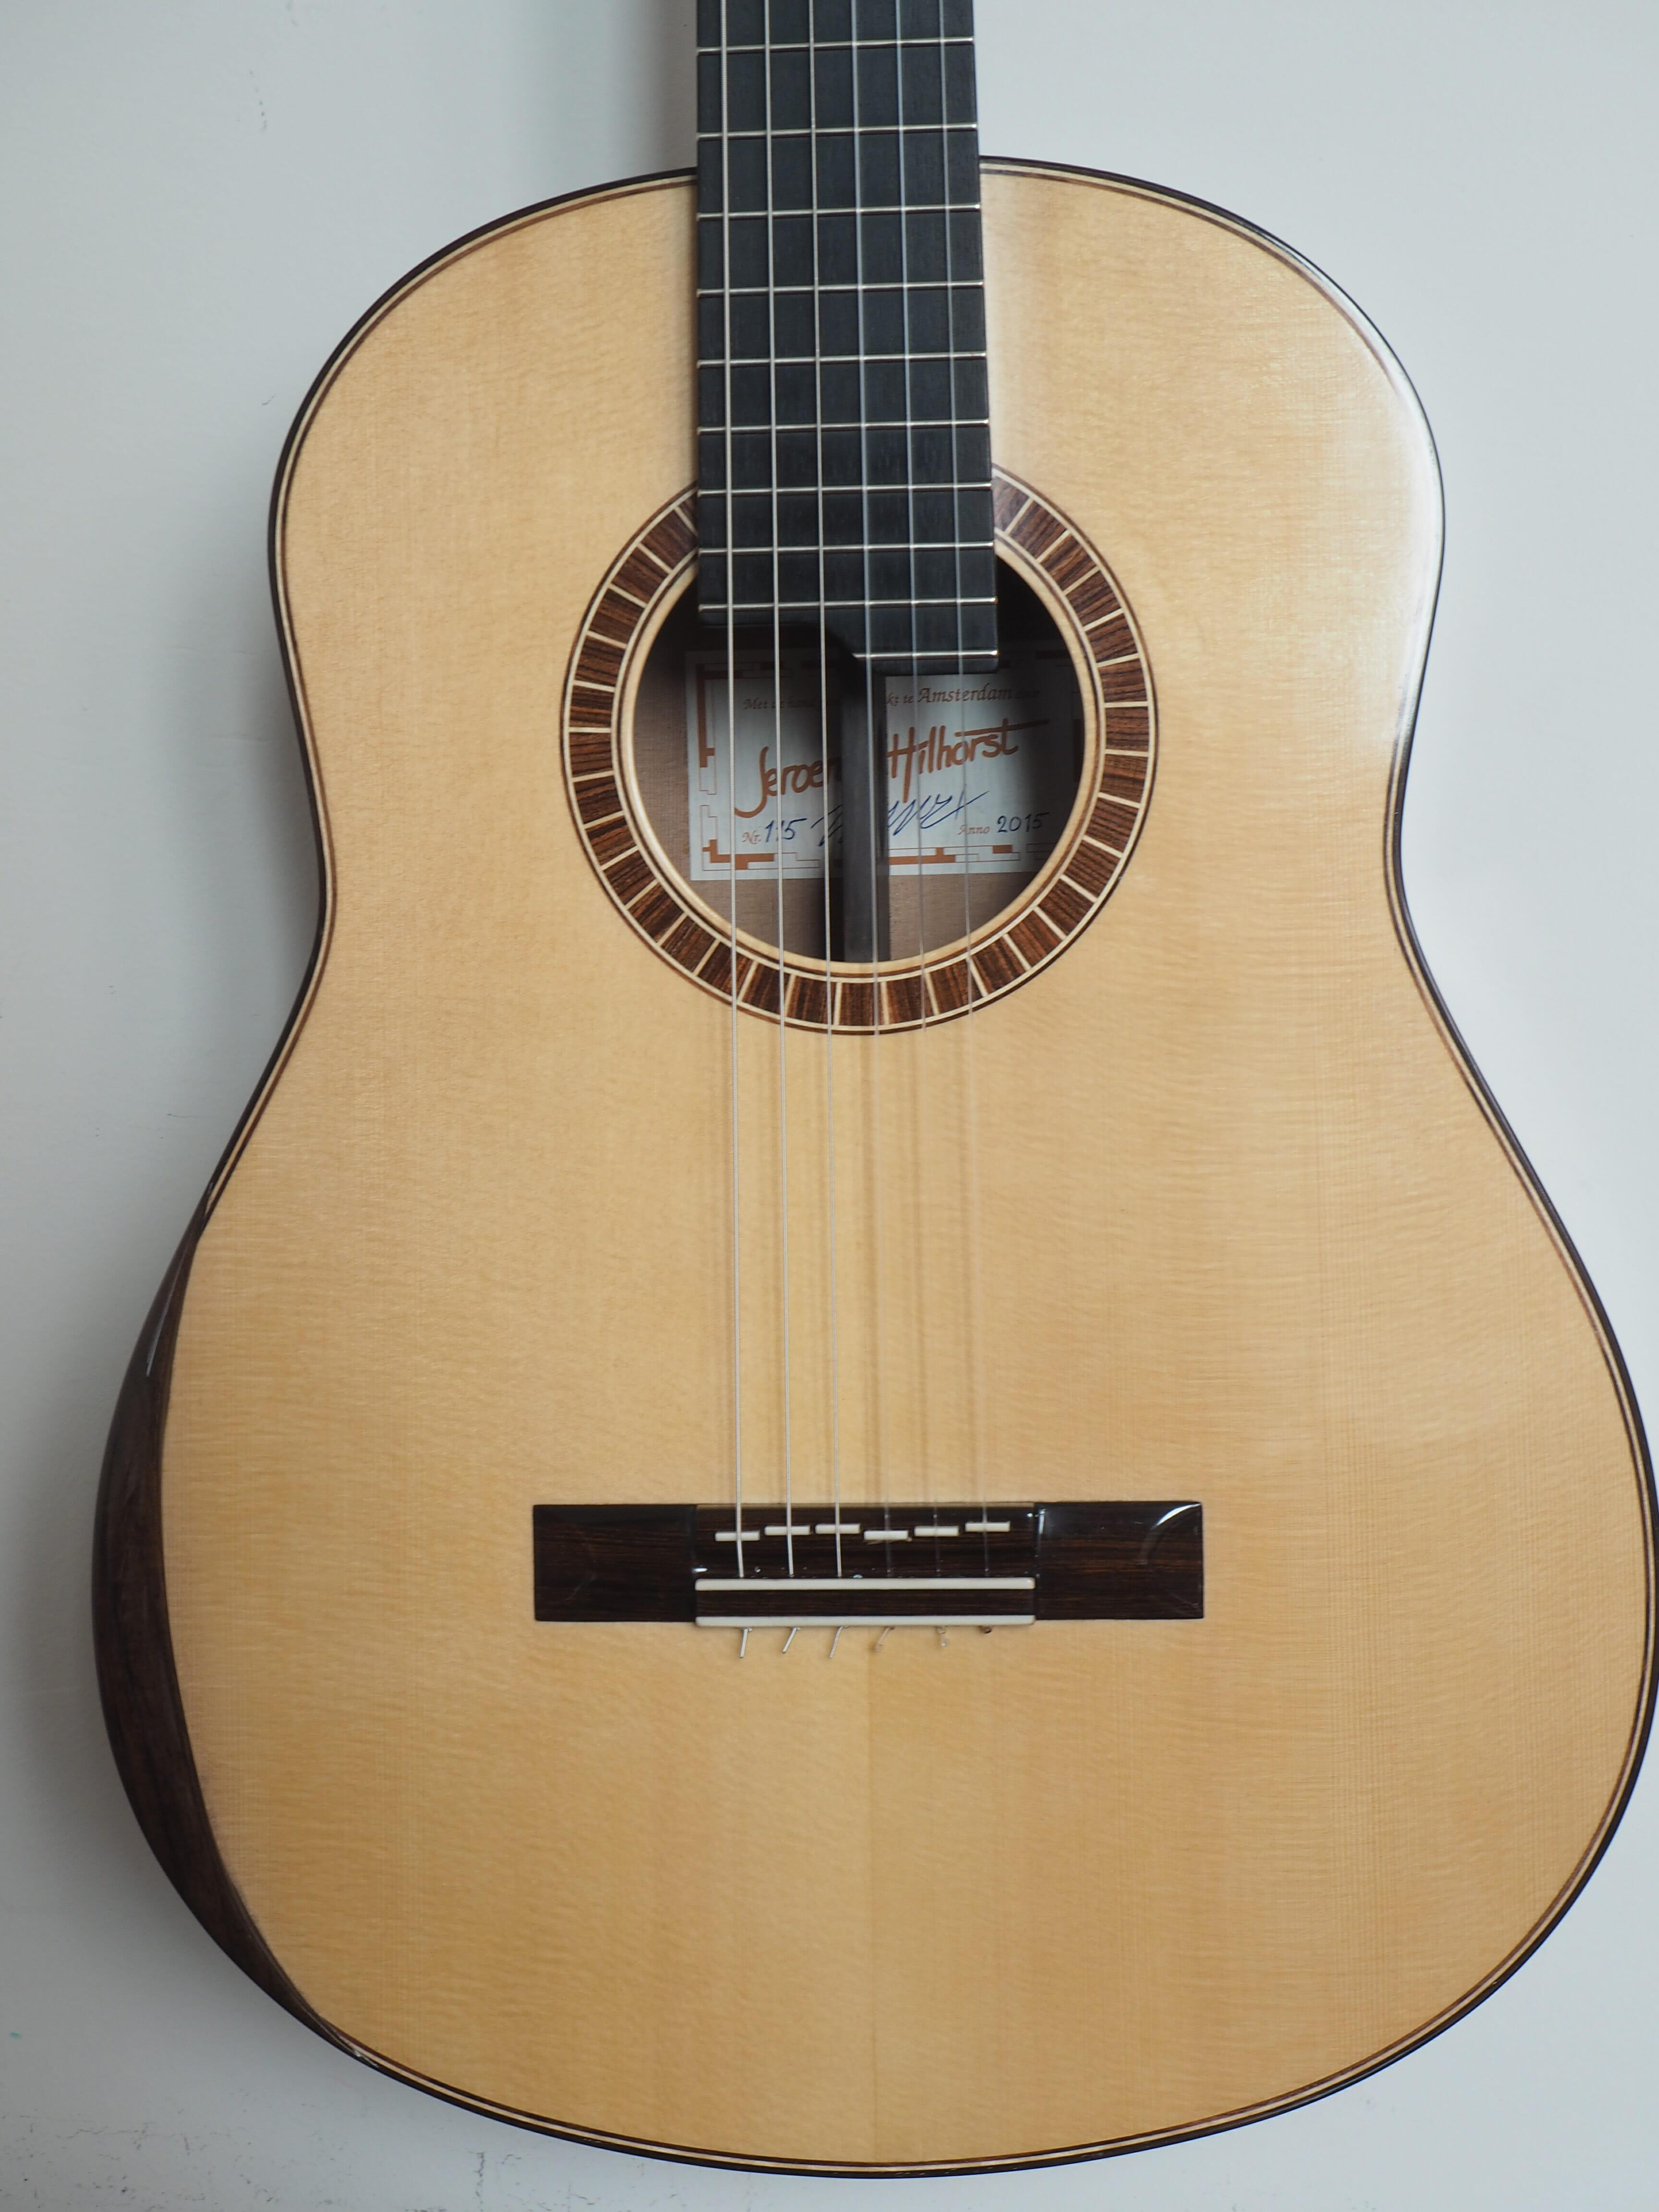 guitare classique n°80